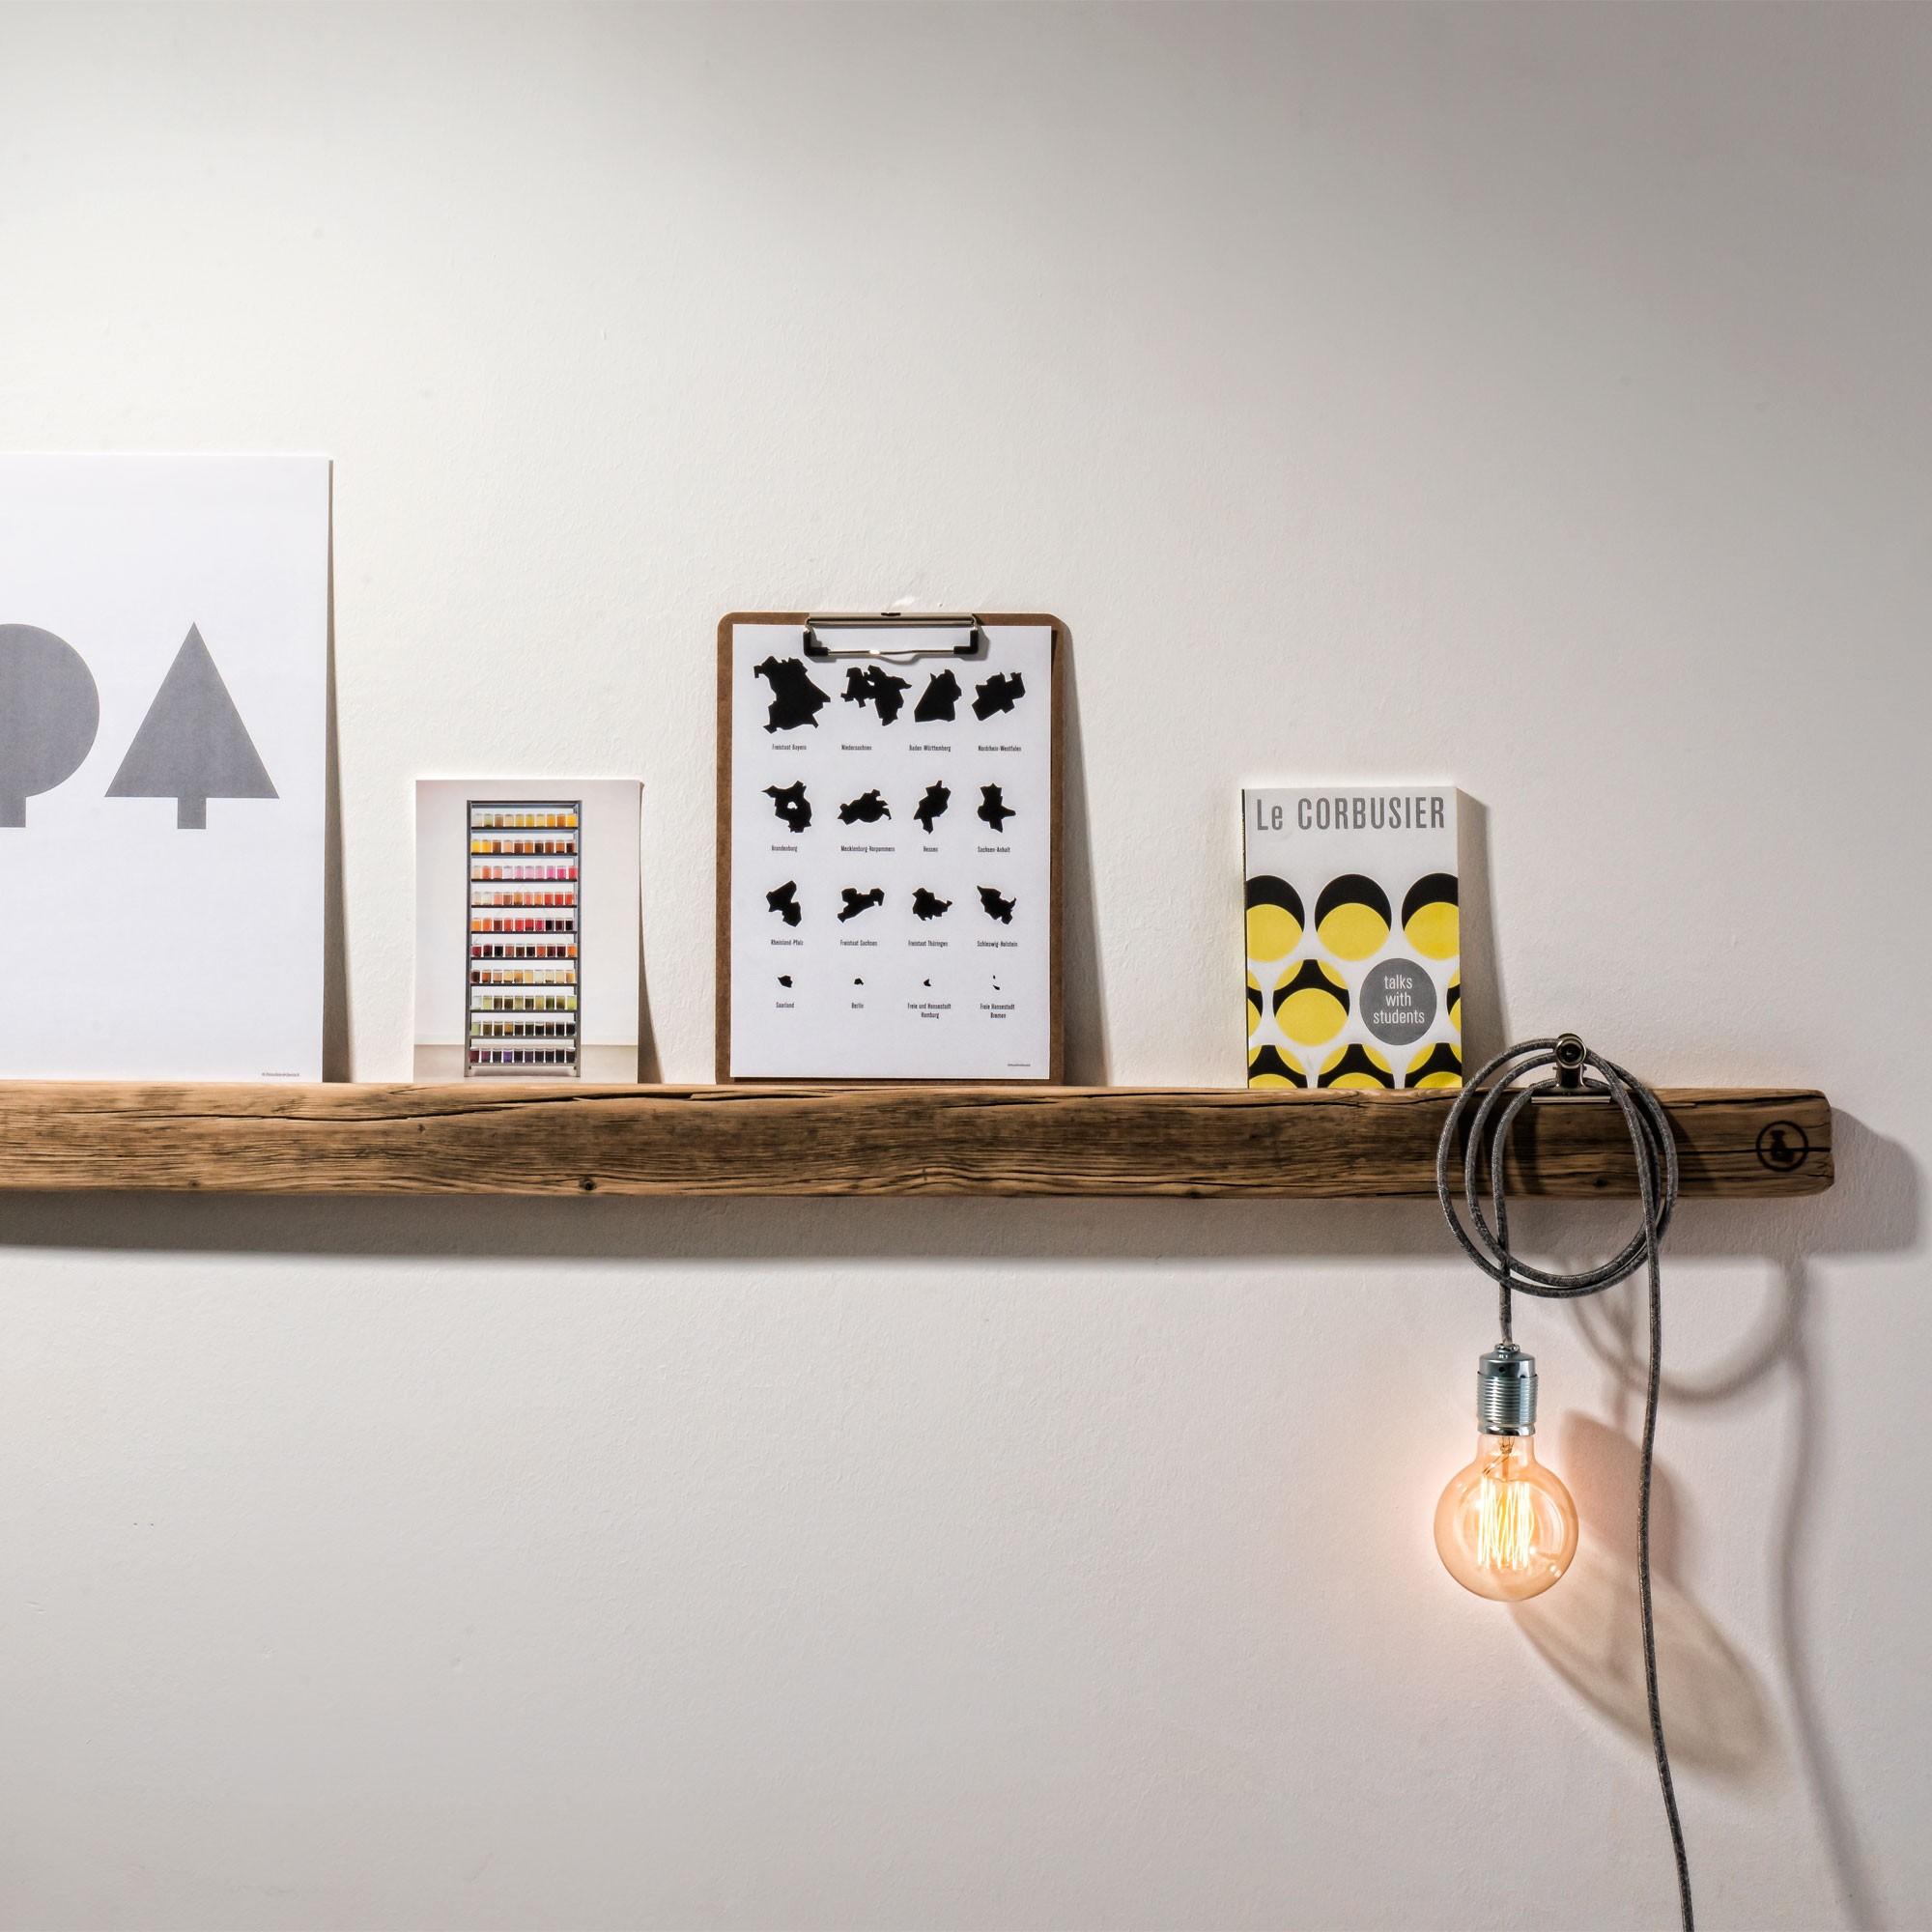 weld co bilderleiste altholz 01. Black Bedroom Furniture Sets. Home Design Ideas